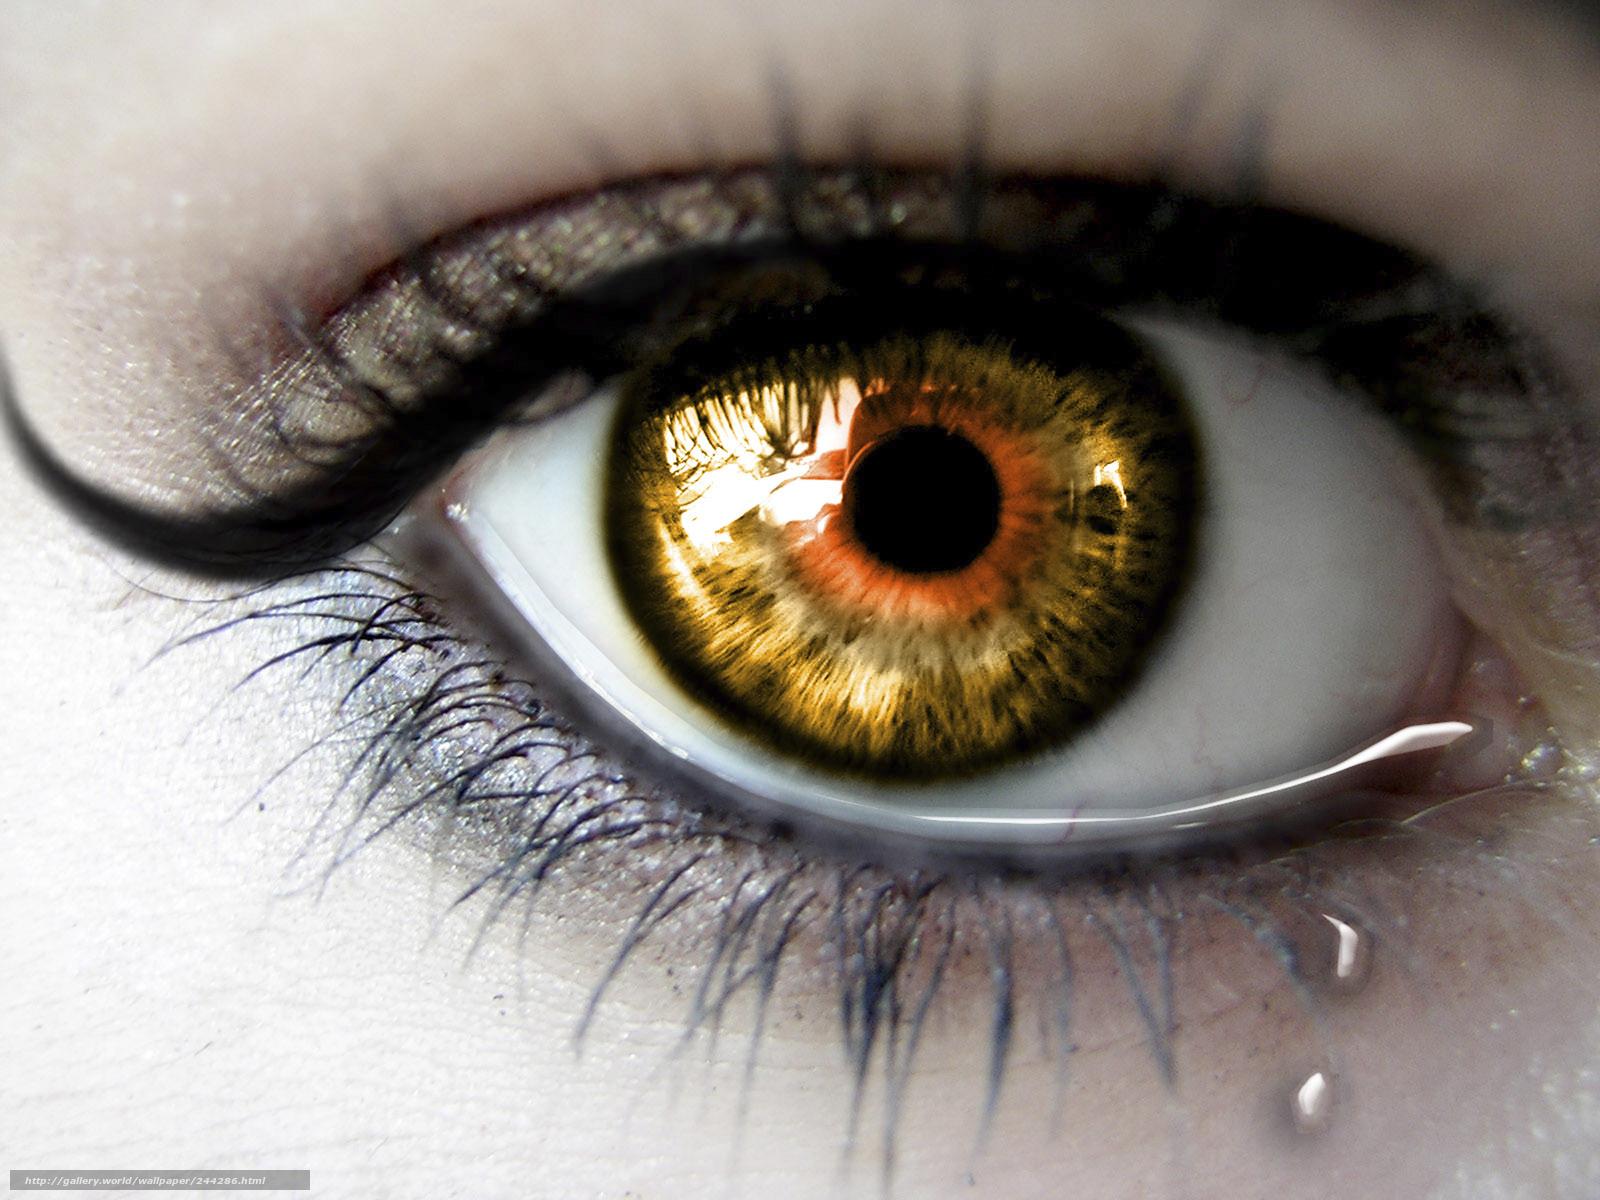 Hq картинка глаз слеза печаль 10000x7500